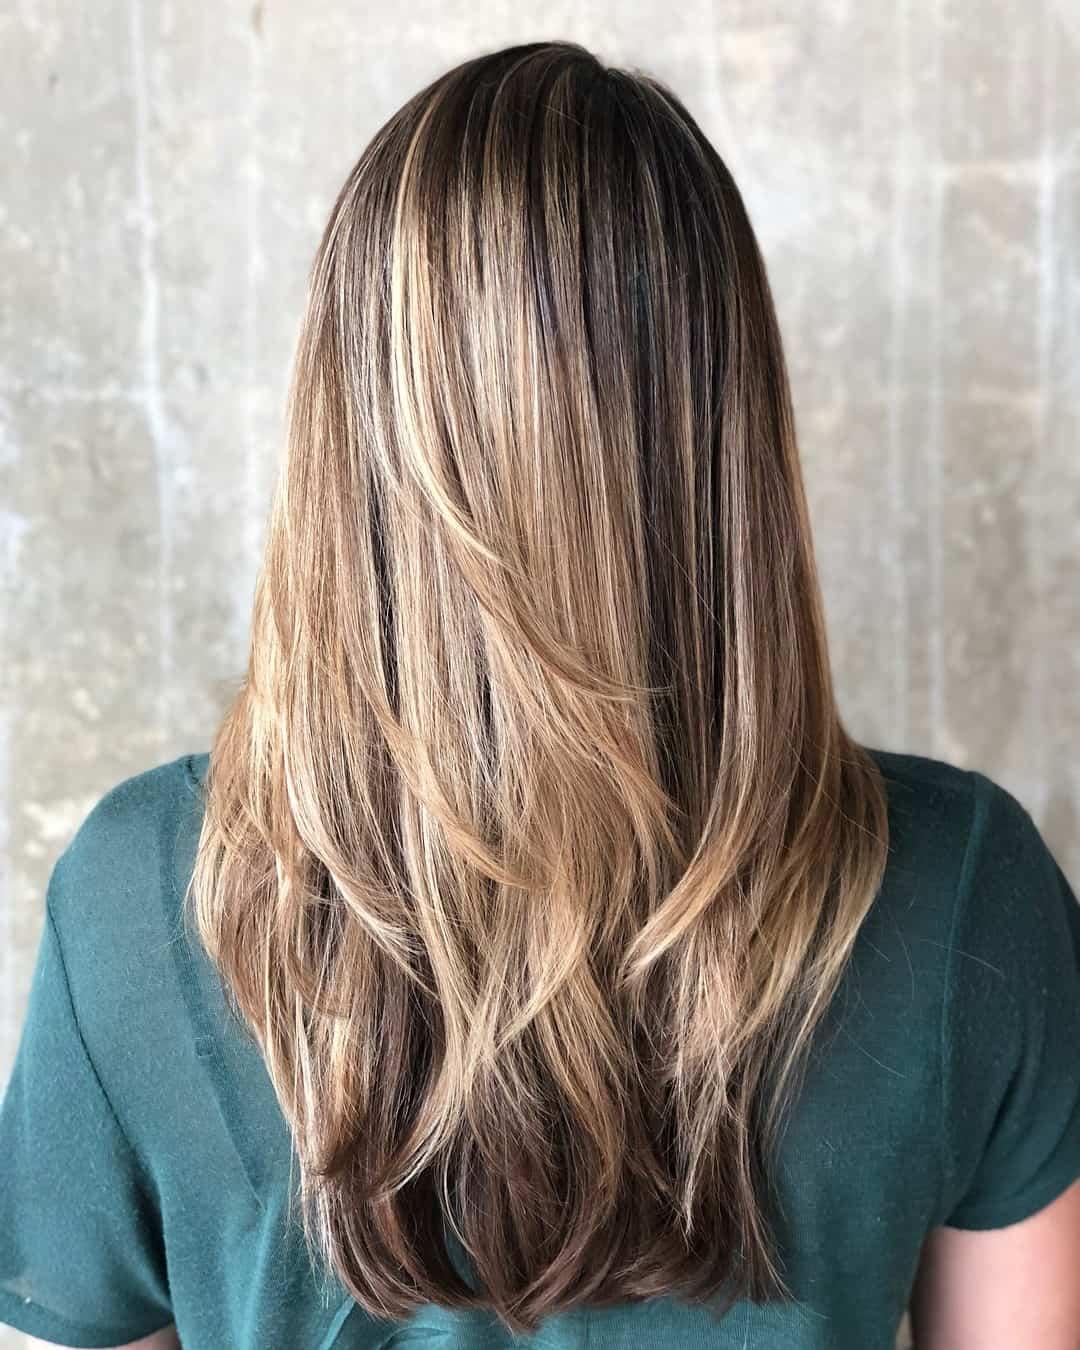 قصات الشعر الطويل وأسمائها : التسريحة الناعمة المنسدلة